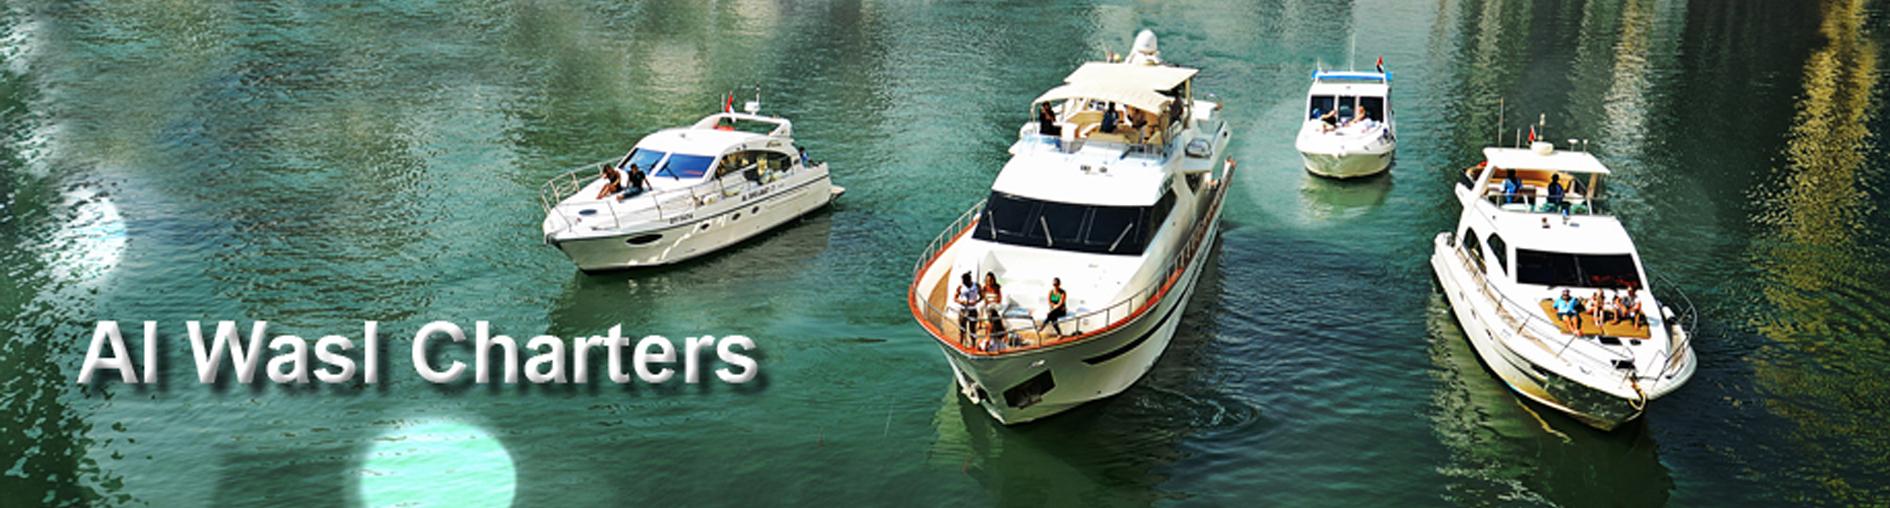 http://www.cruiseindubai.com/wp-content/uploads/2013/12/9.jpg